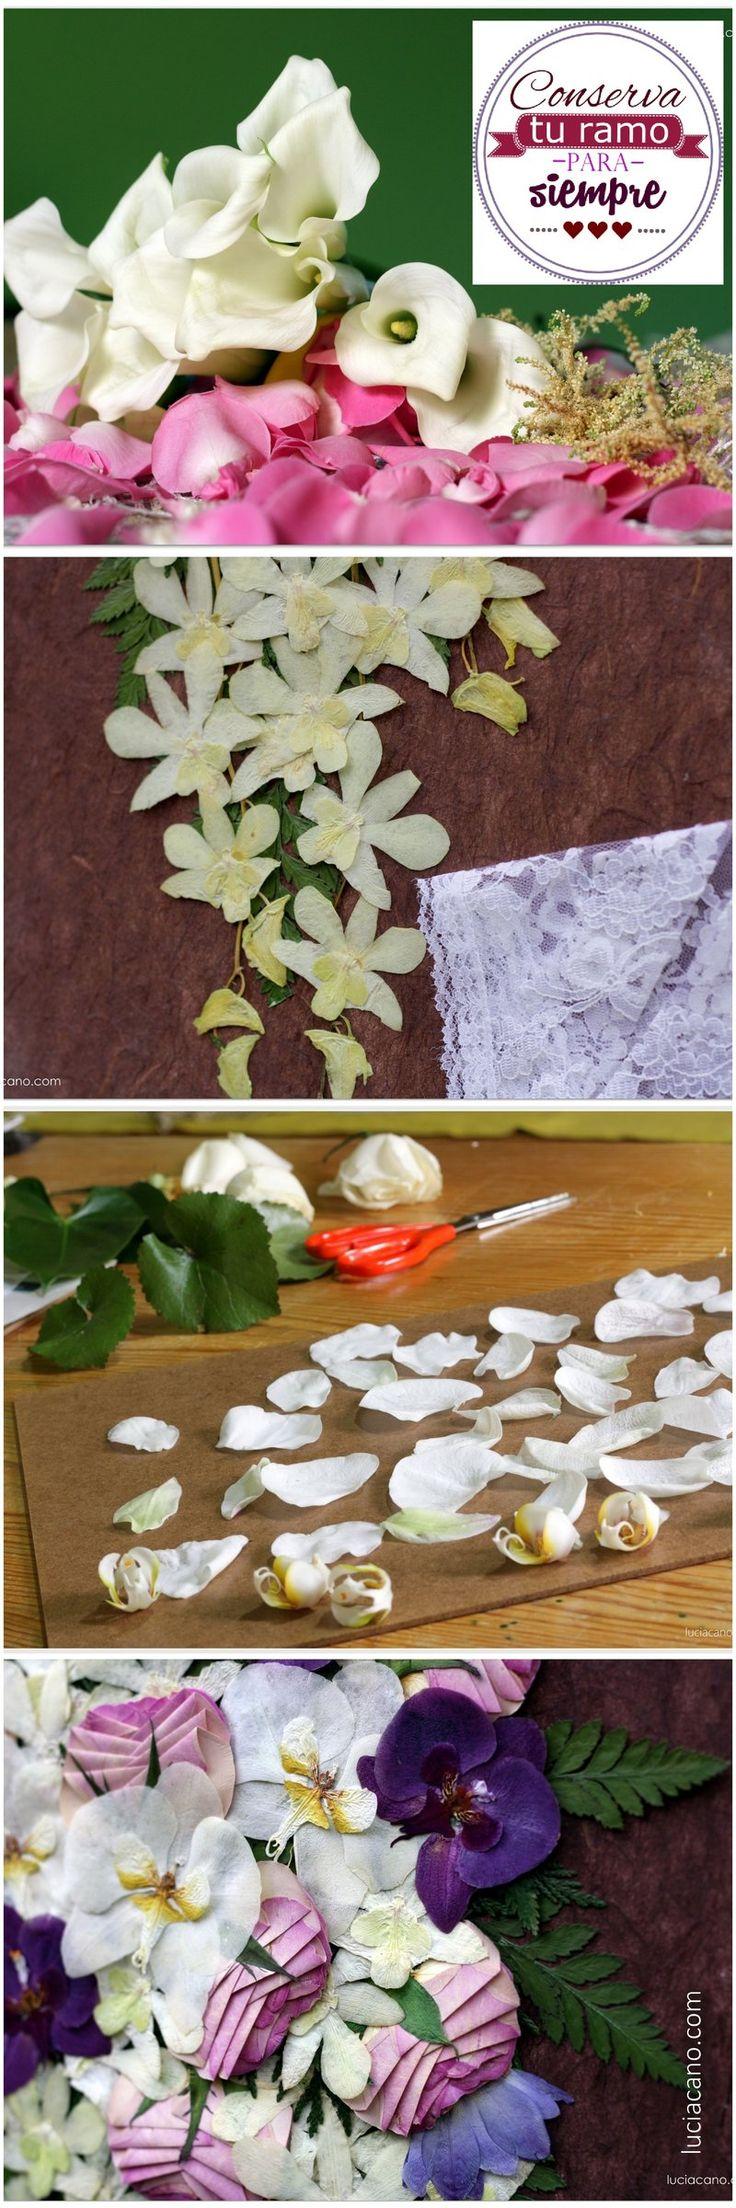 Calas, astilbe, peonias, orquídeas, rosas, gerberas, ranúnculos ... cada flor necesita un cuidado especial; pero podrás secarlas todas. ¡Tú eliges tu ramo de novia, nosotras te lo conservamos! www.luciacano.com